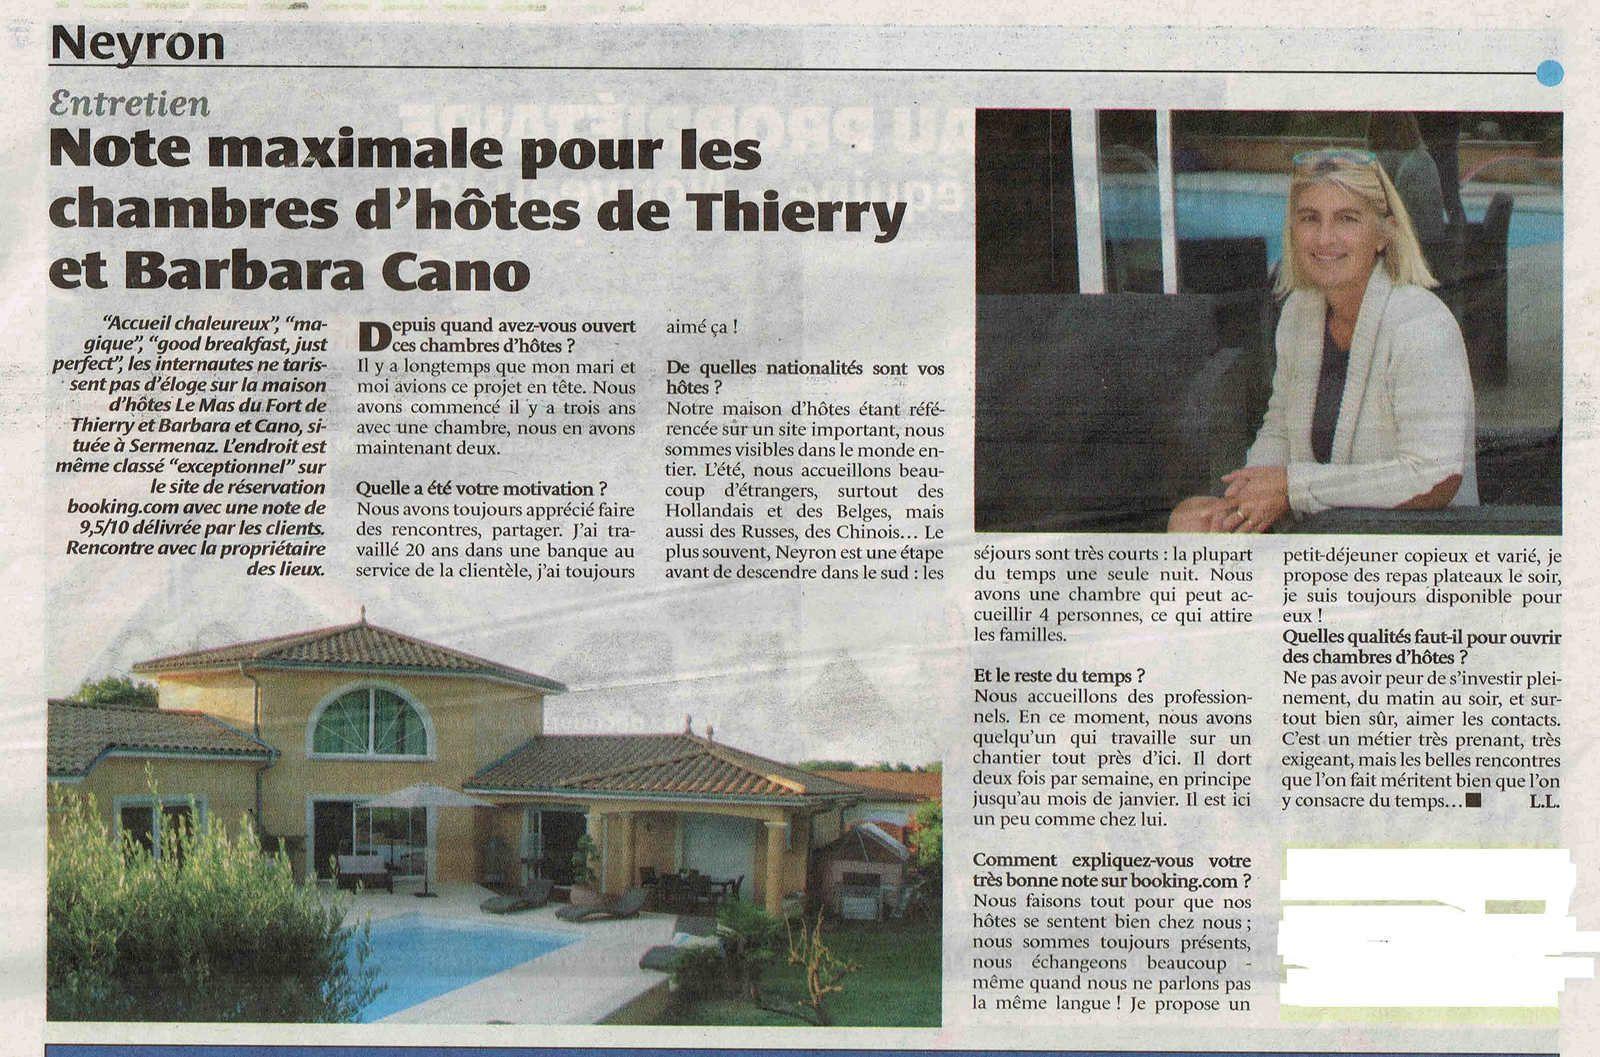 un article dans le journal sur notre maison d hotes chambres d hotes neyron lemasdufort over blog com